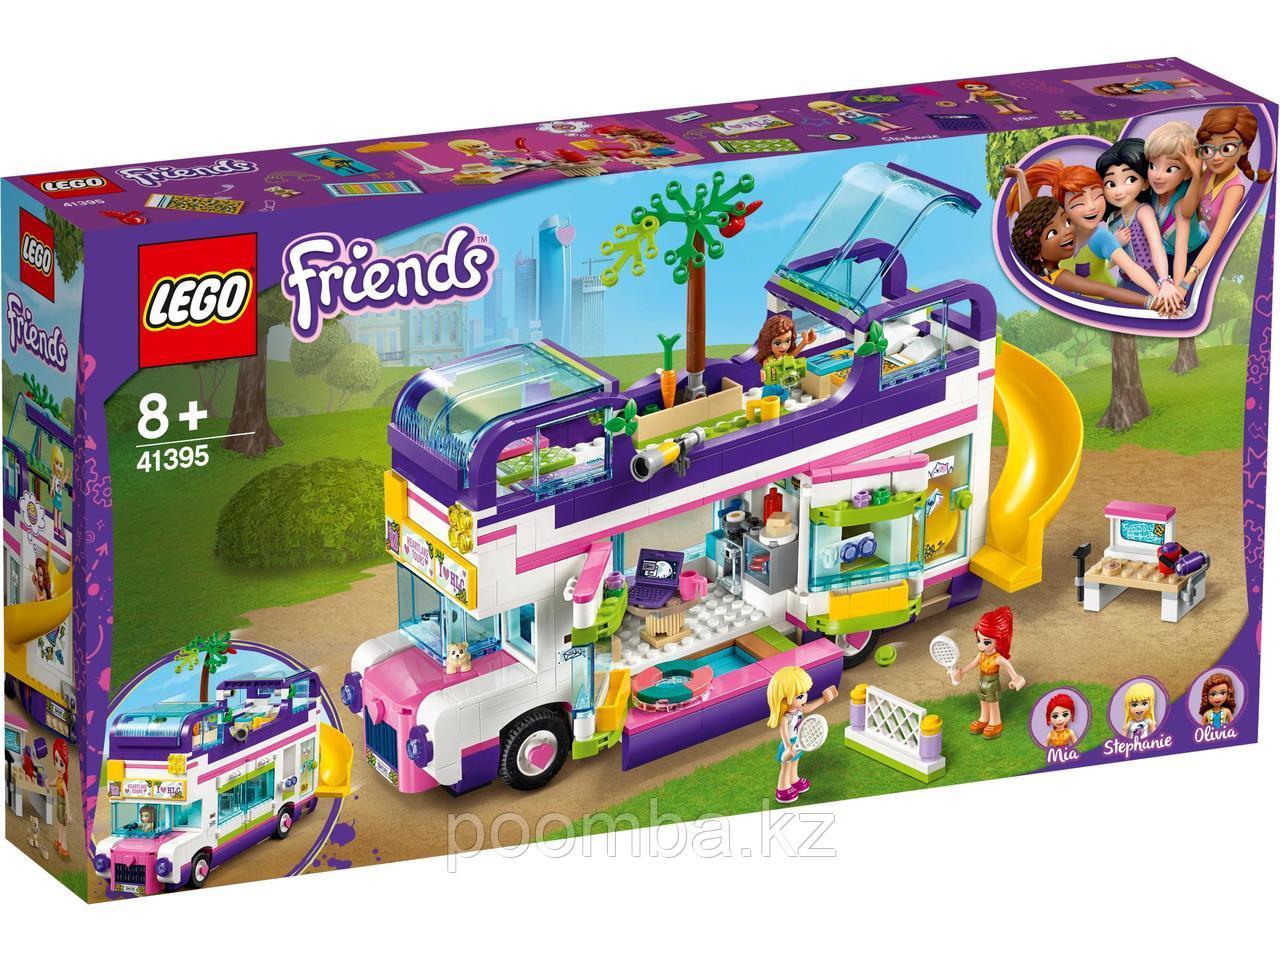 Конструктор Lego Friends Автобус для друзей, Лего Подружки